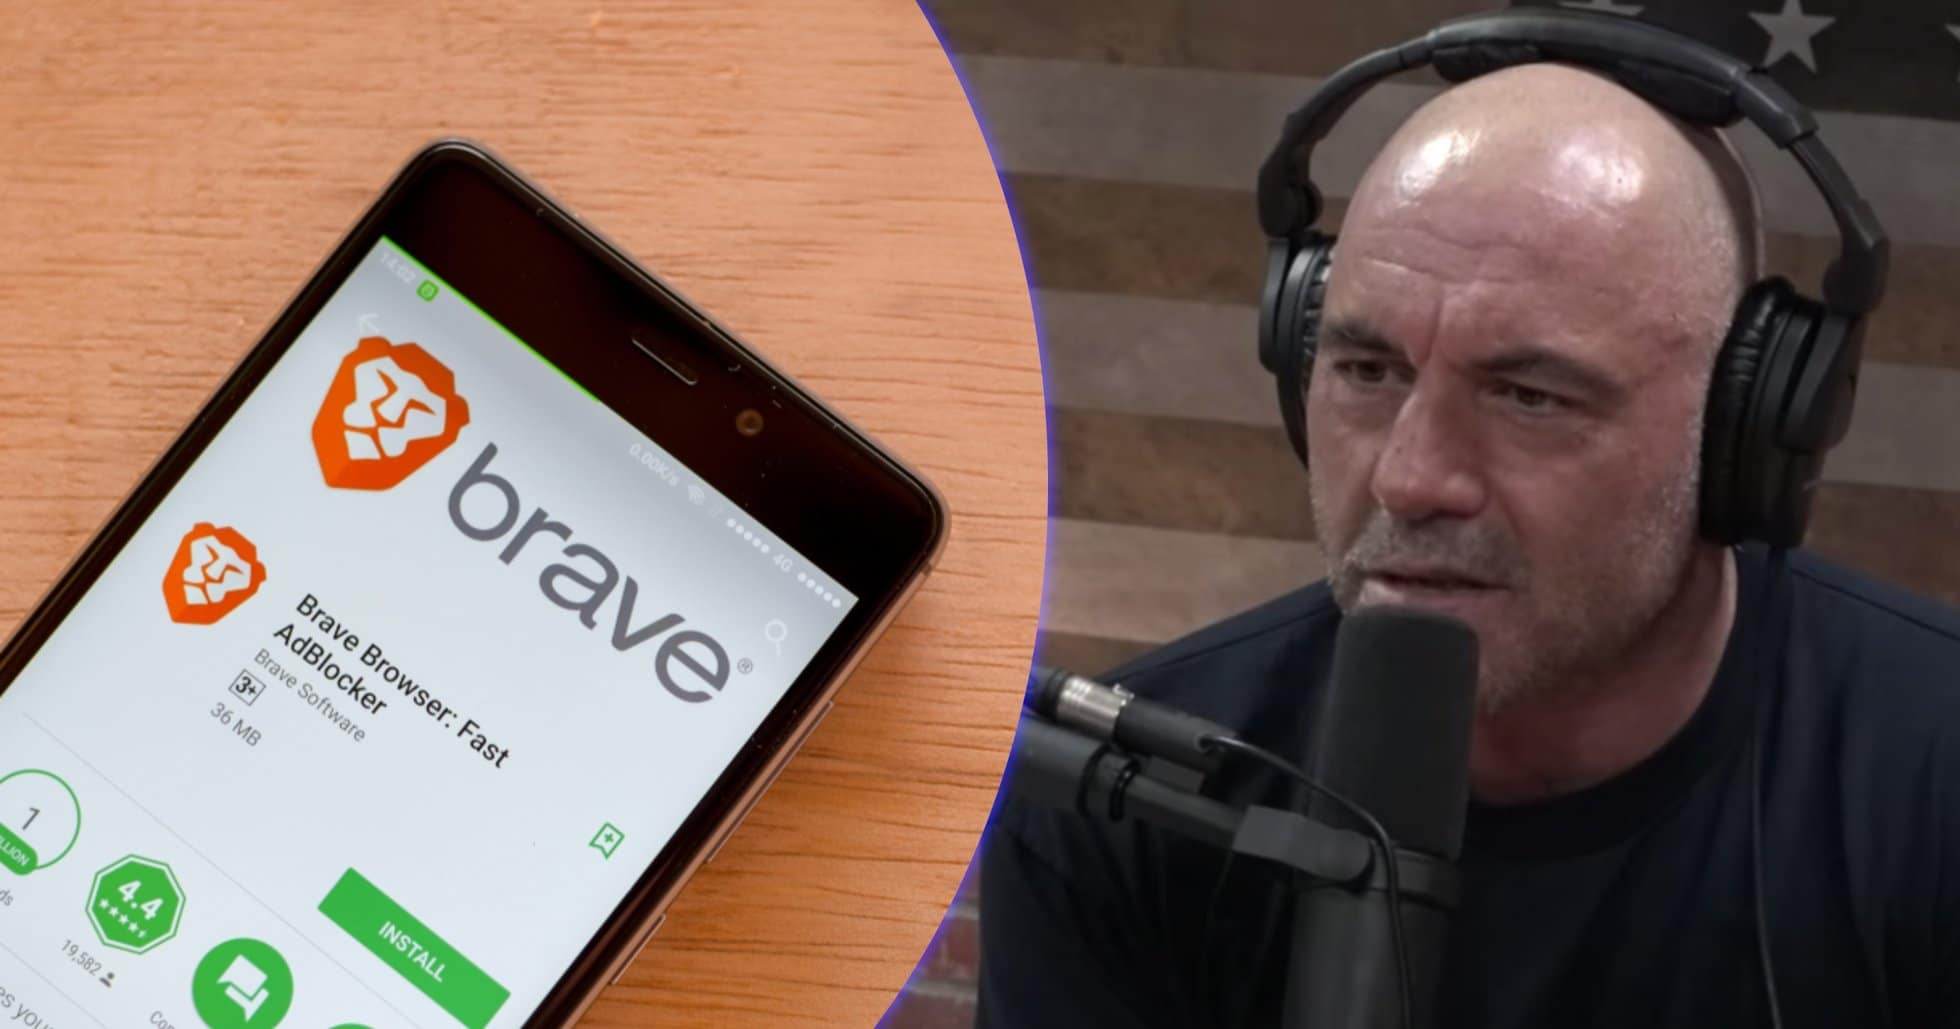 Podcaster nổi tiếng thế giới Joe Rogan tiết lộ ông đang sử dụng trình duyệt web dựa trên tiền điện tử